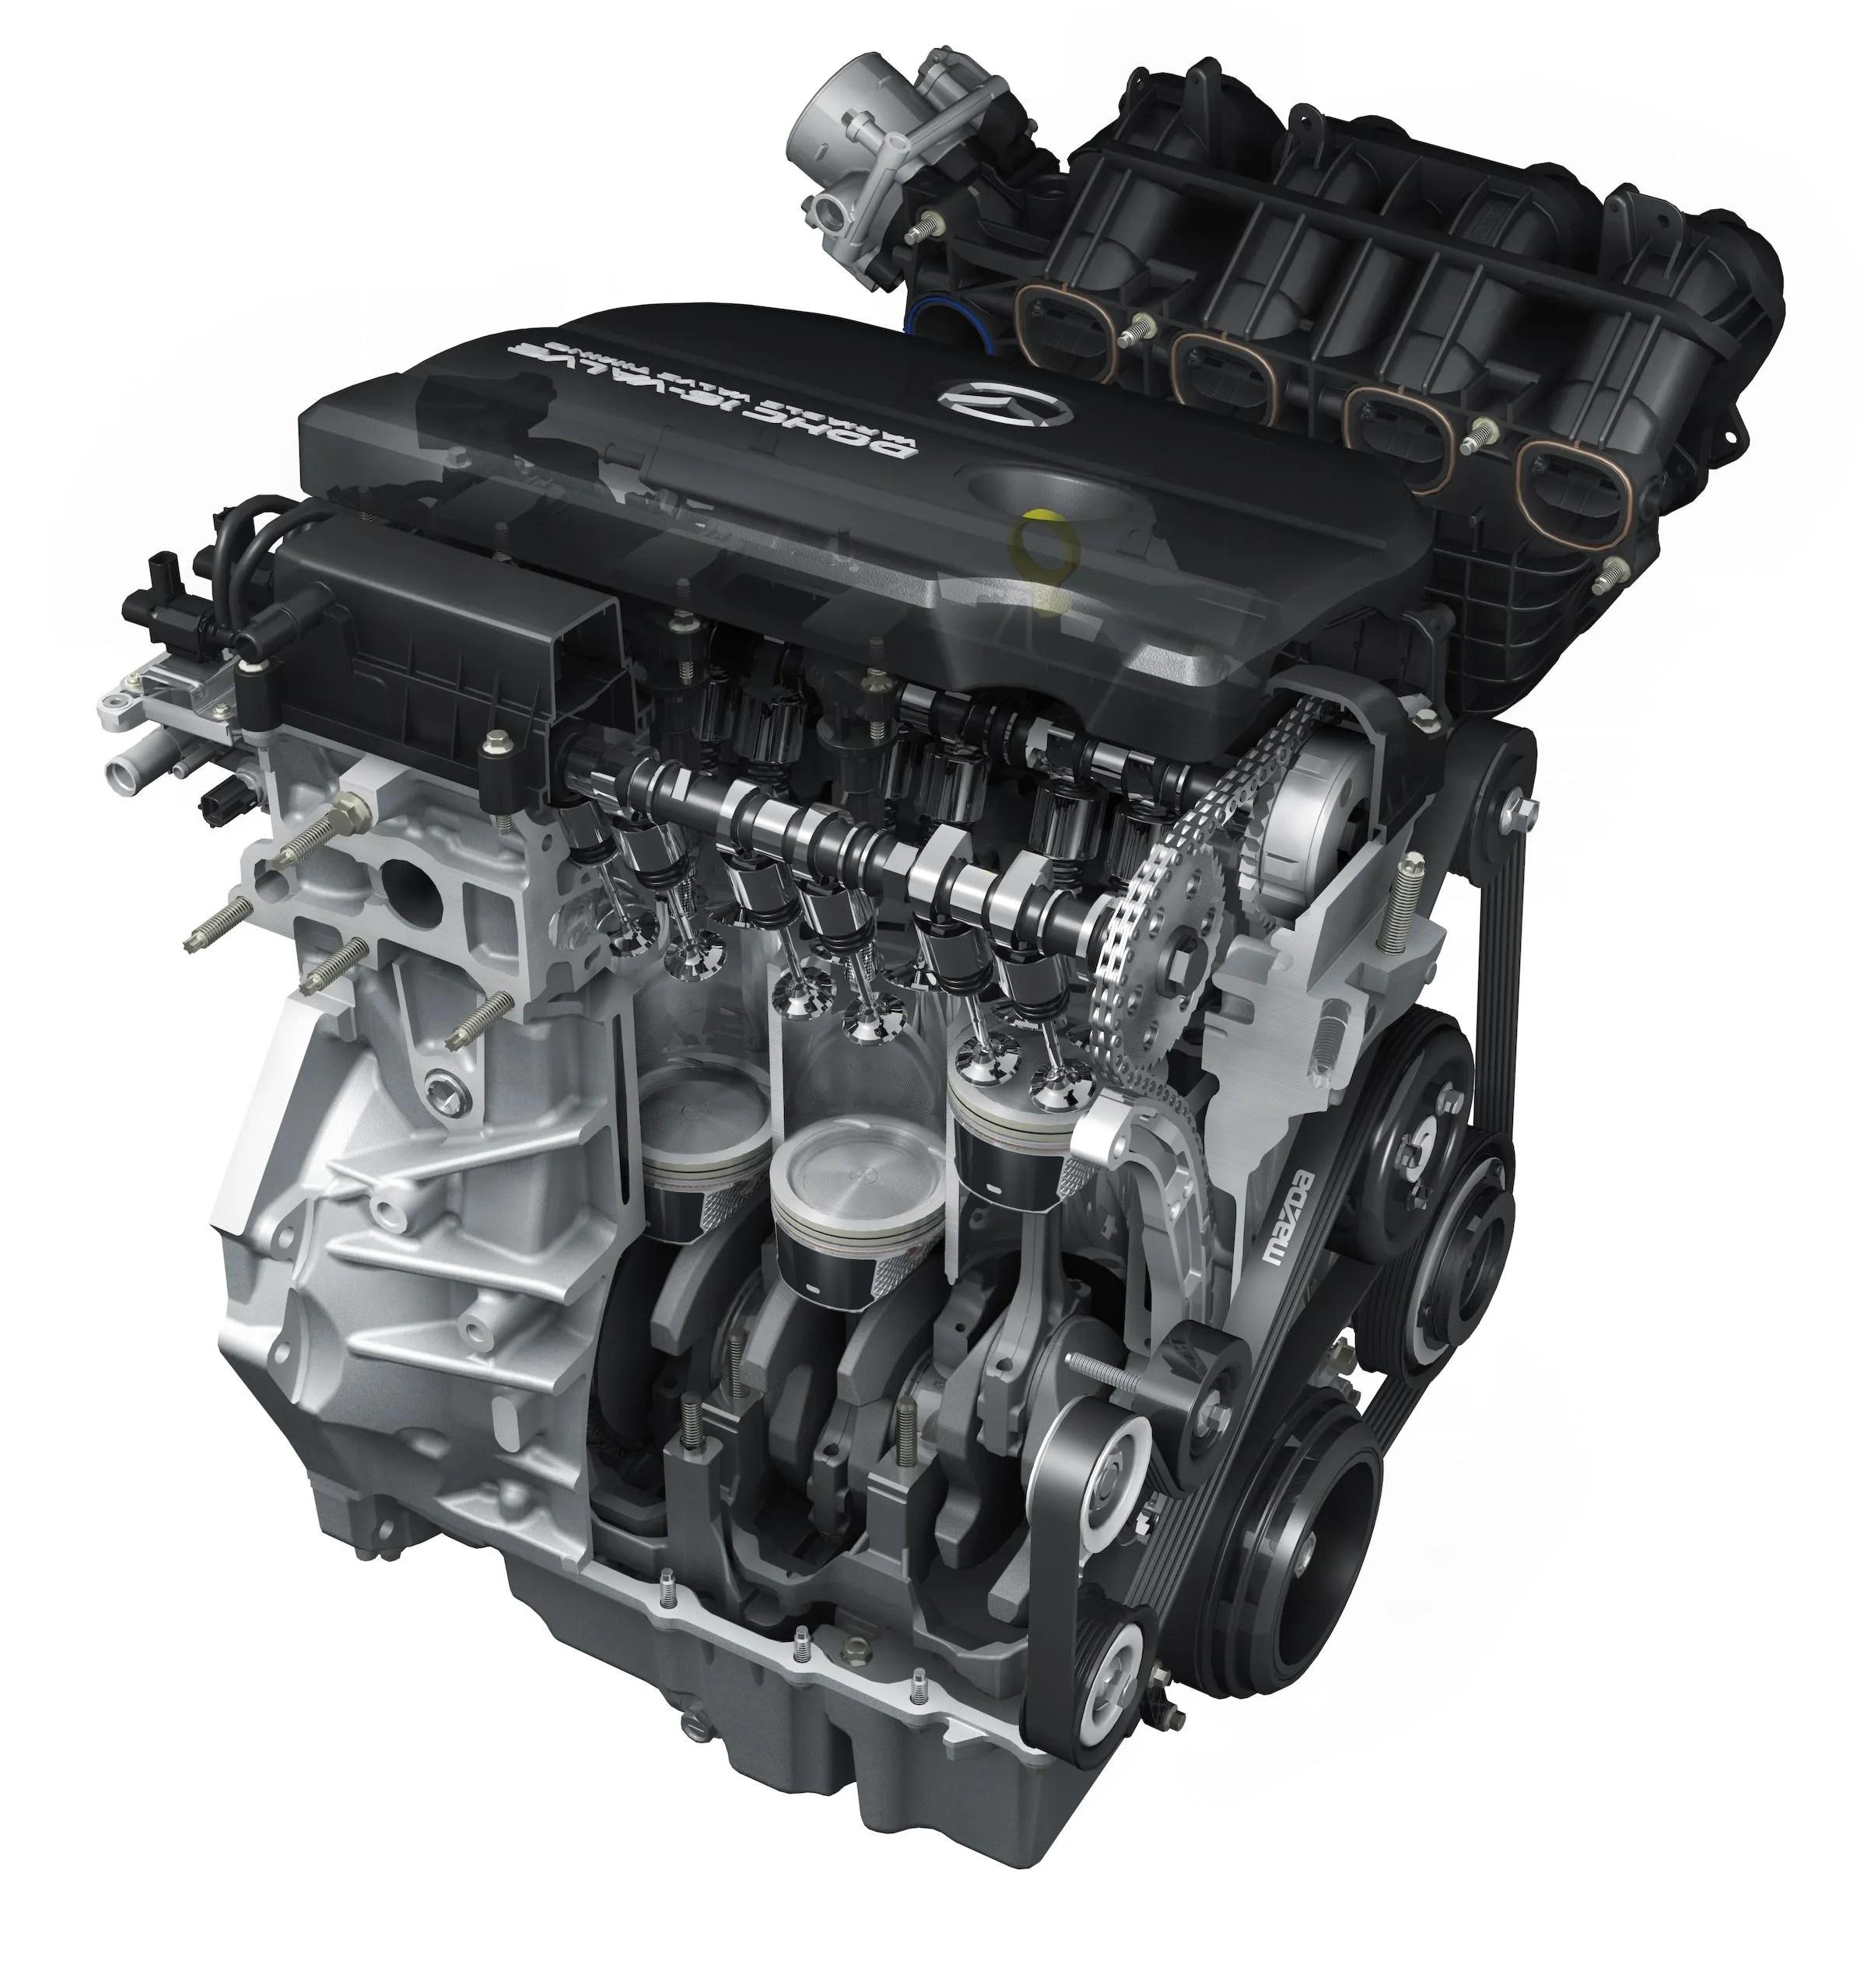 2010 mazda 3 parts diagram s13 sr20det wiring rienforce engine auto